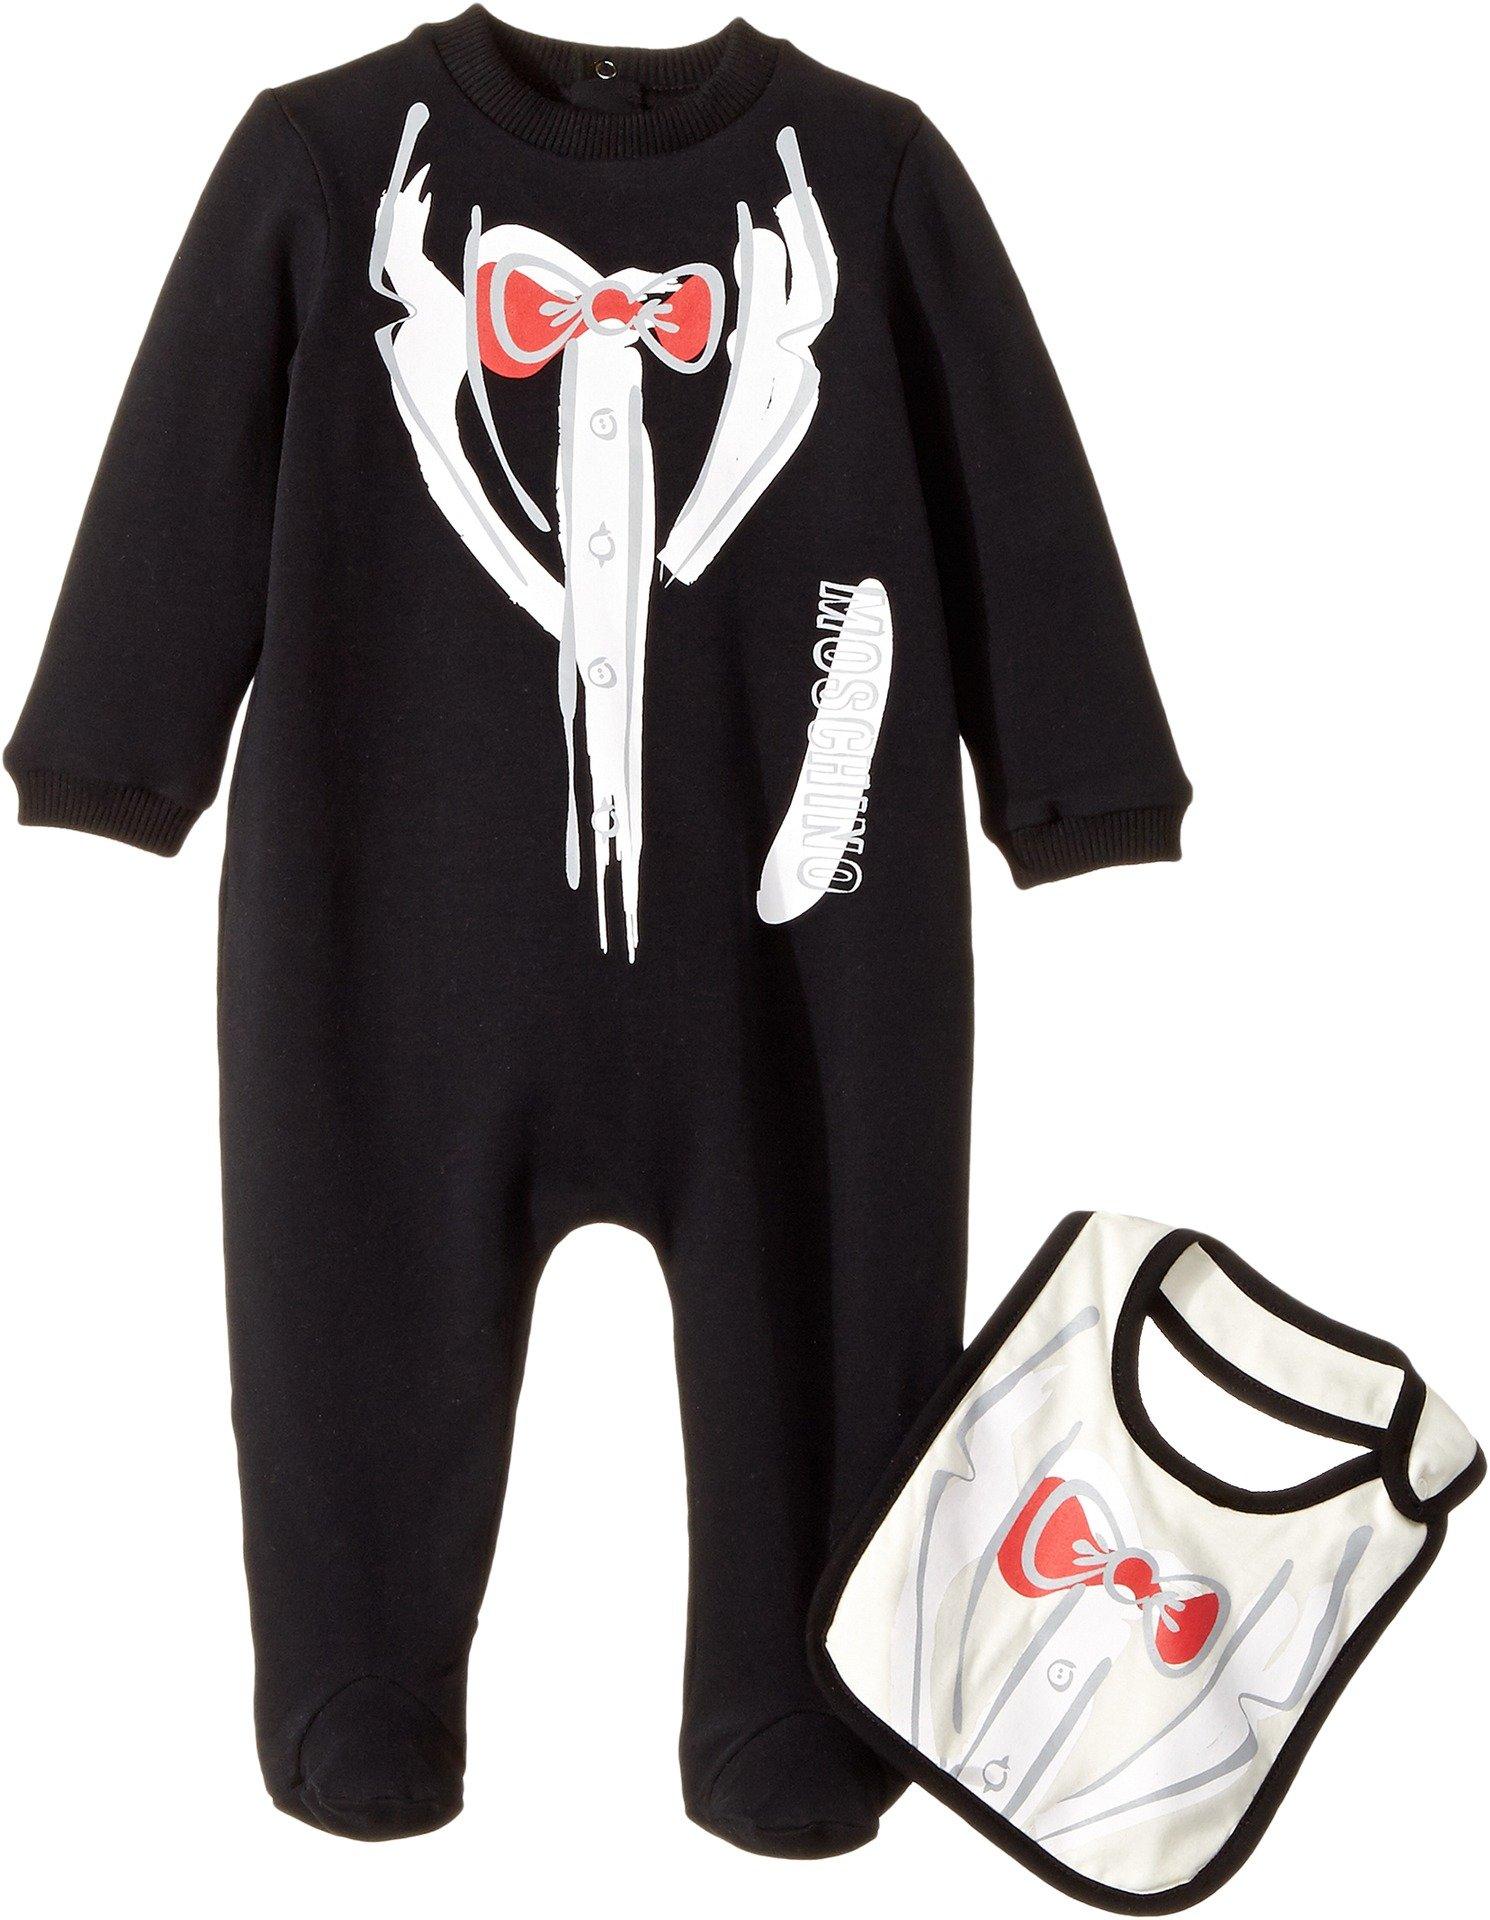 Moschino Kids  Baby Boy's Tuxedo Romper & Bib Gift Box Set (Infant) Black Clothing Set